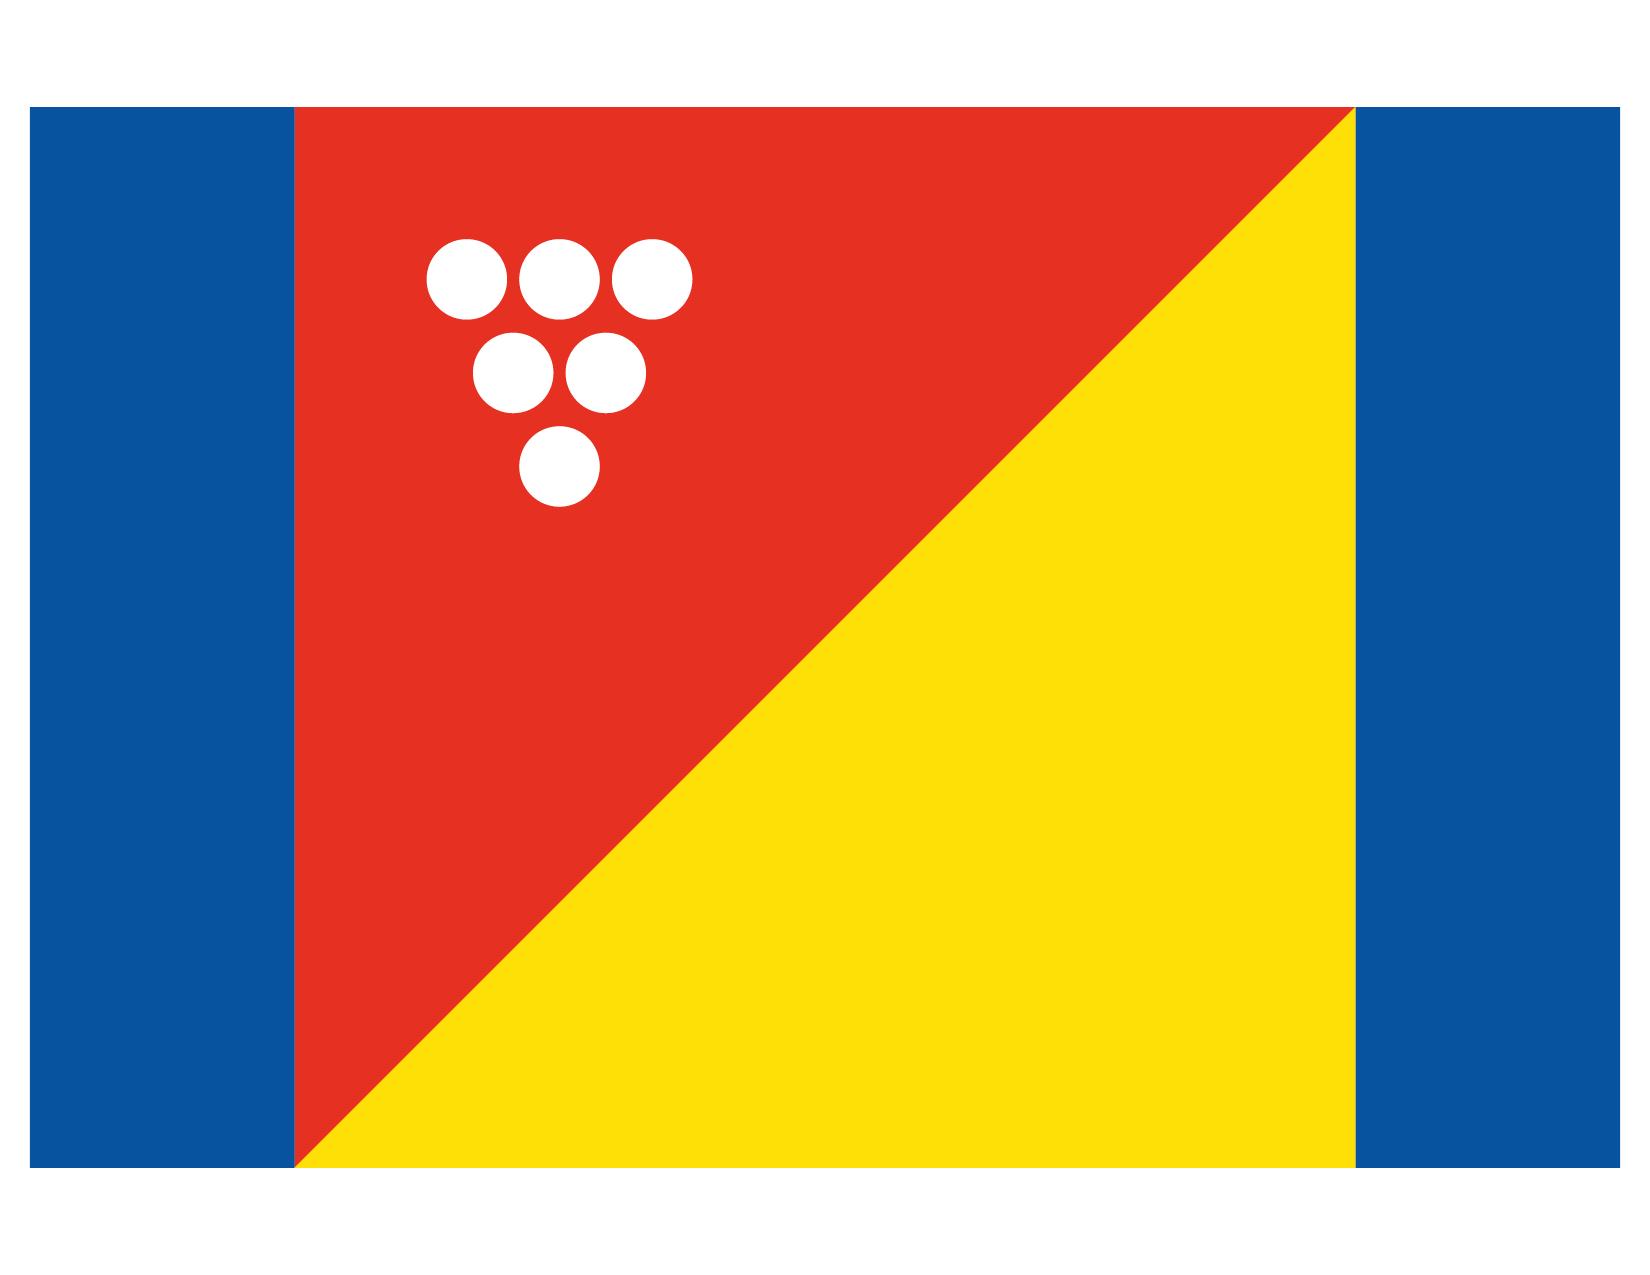 Bandera de Baja California